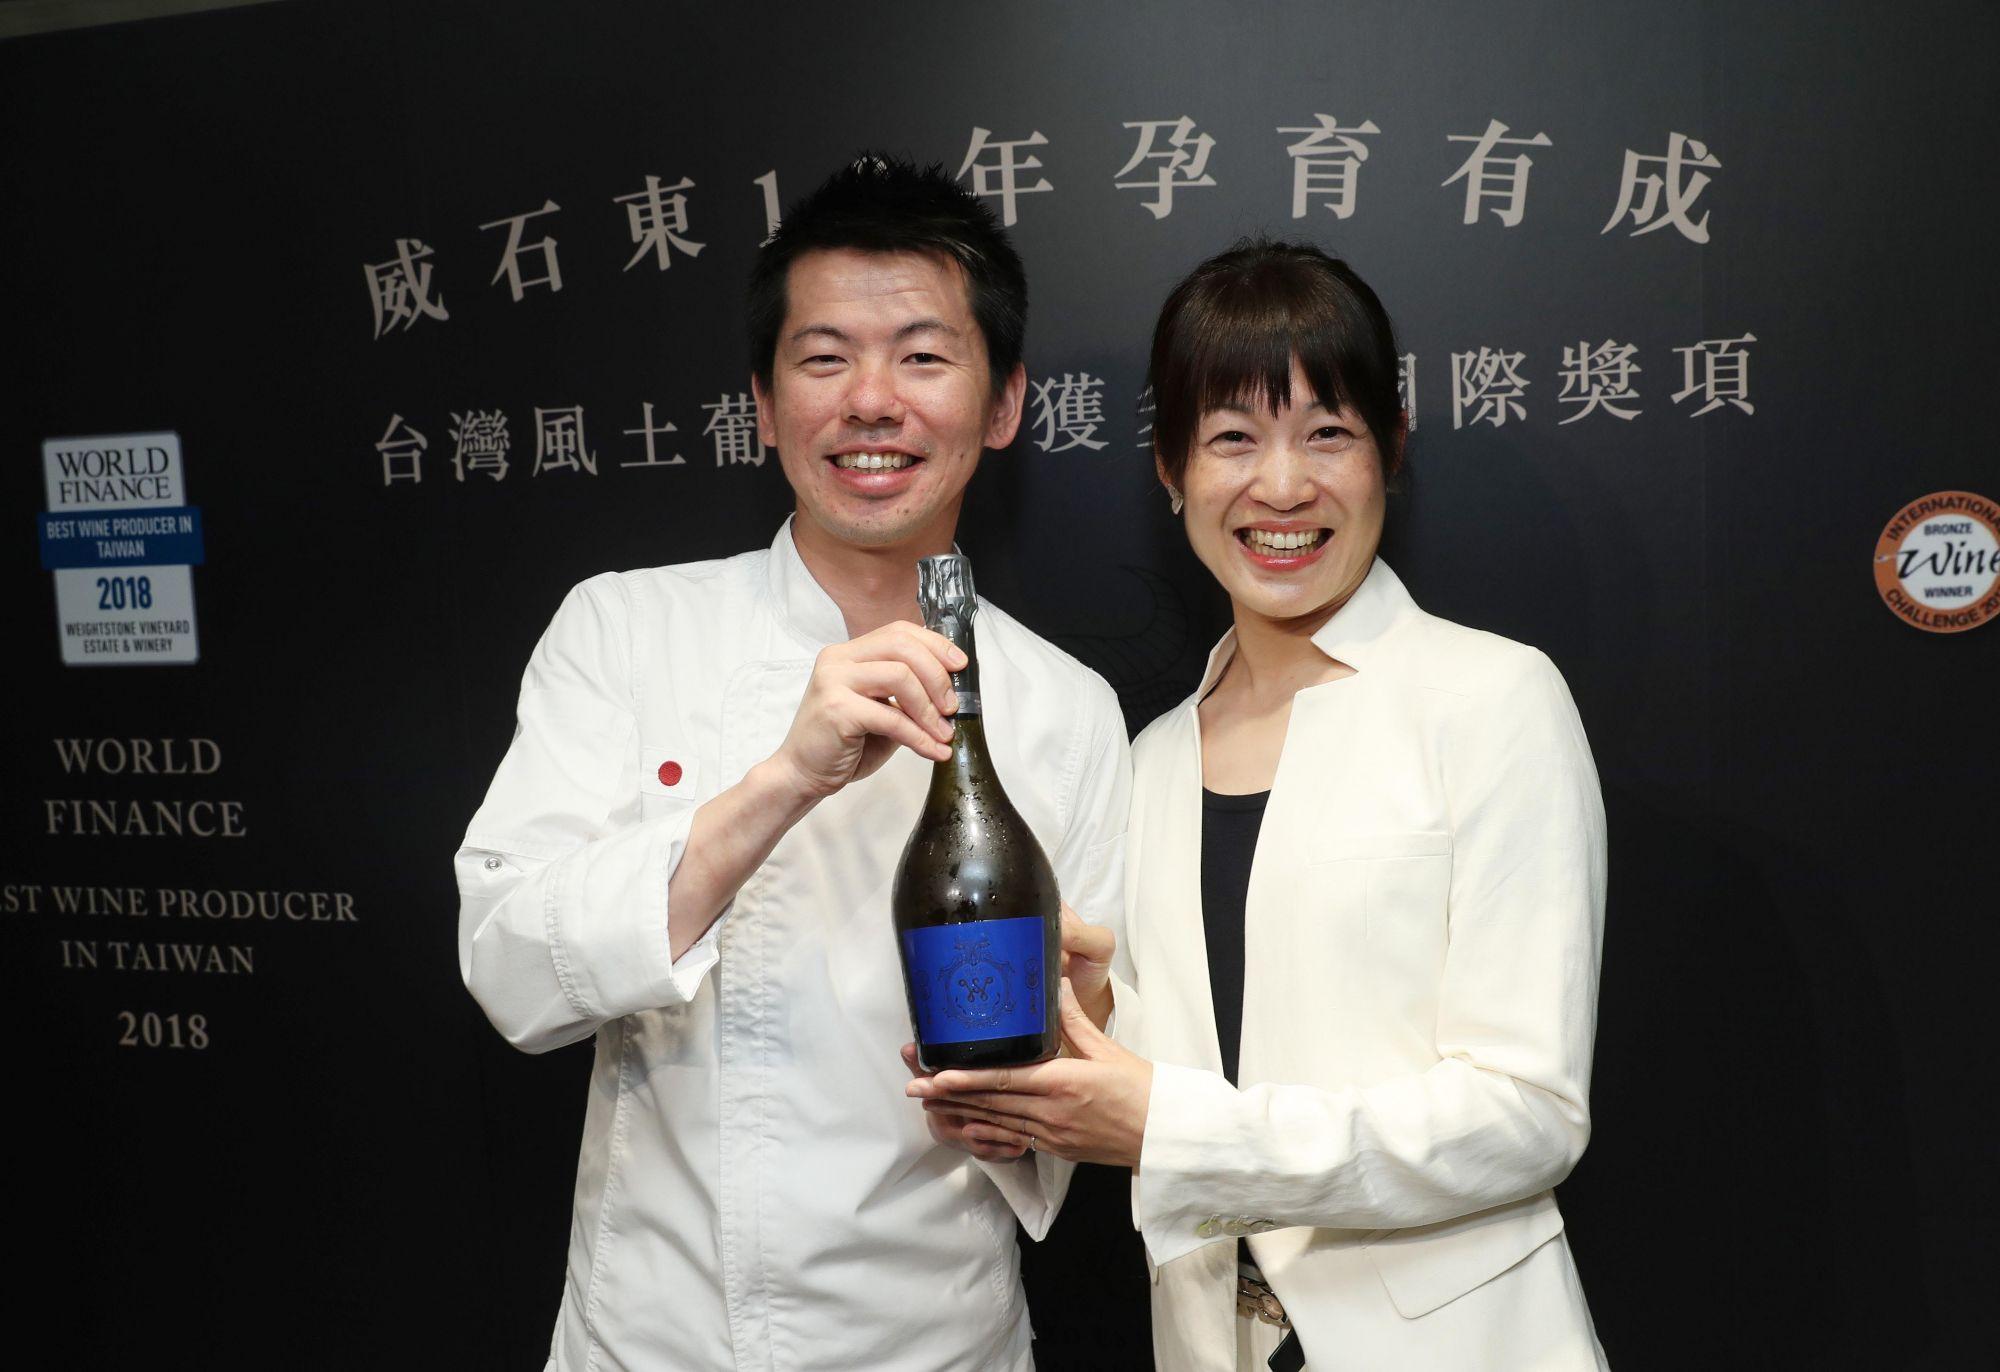 米其林二星餐廳祥雲龍吟主廚稗田良平與威石東酒莊總執行楊仁亞。